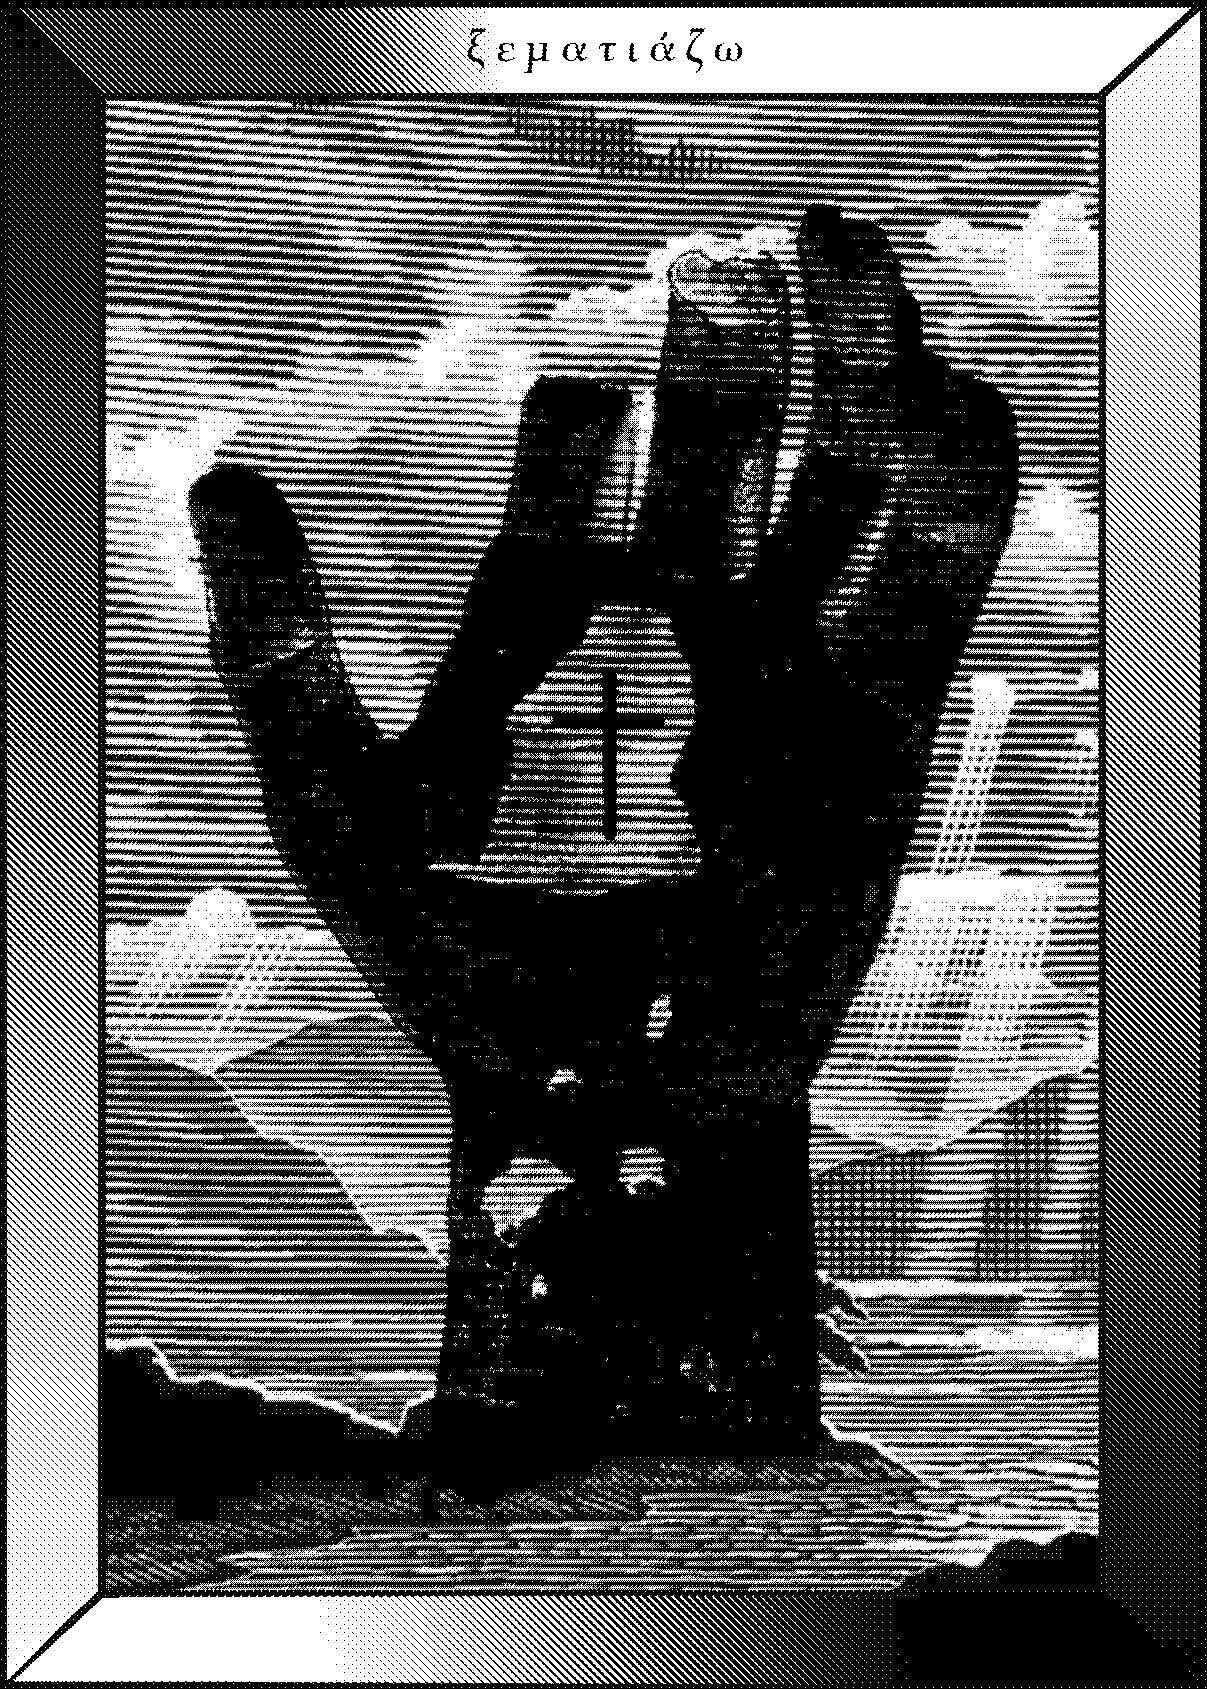 Ily Aberglaube Collage 01